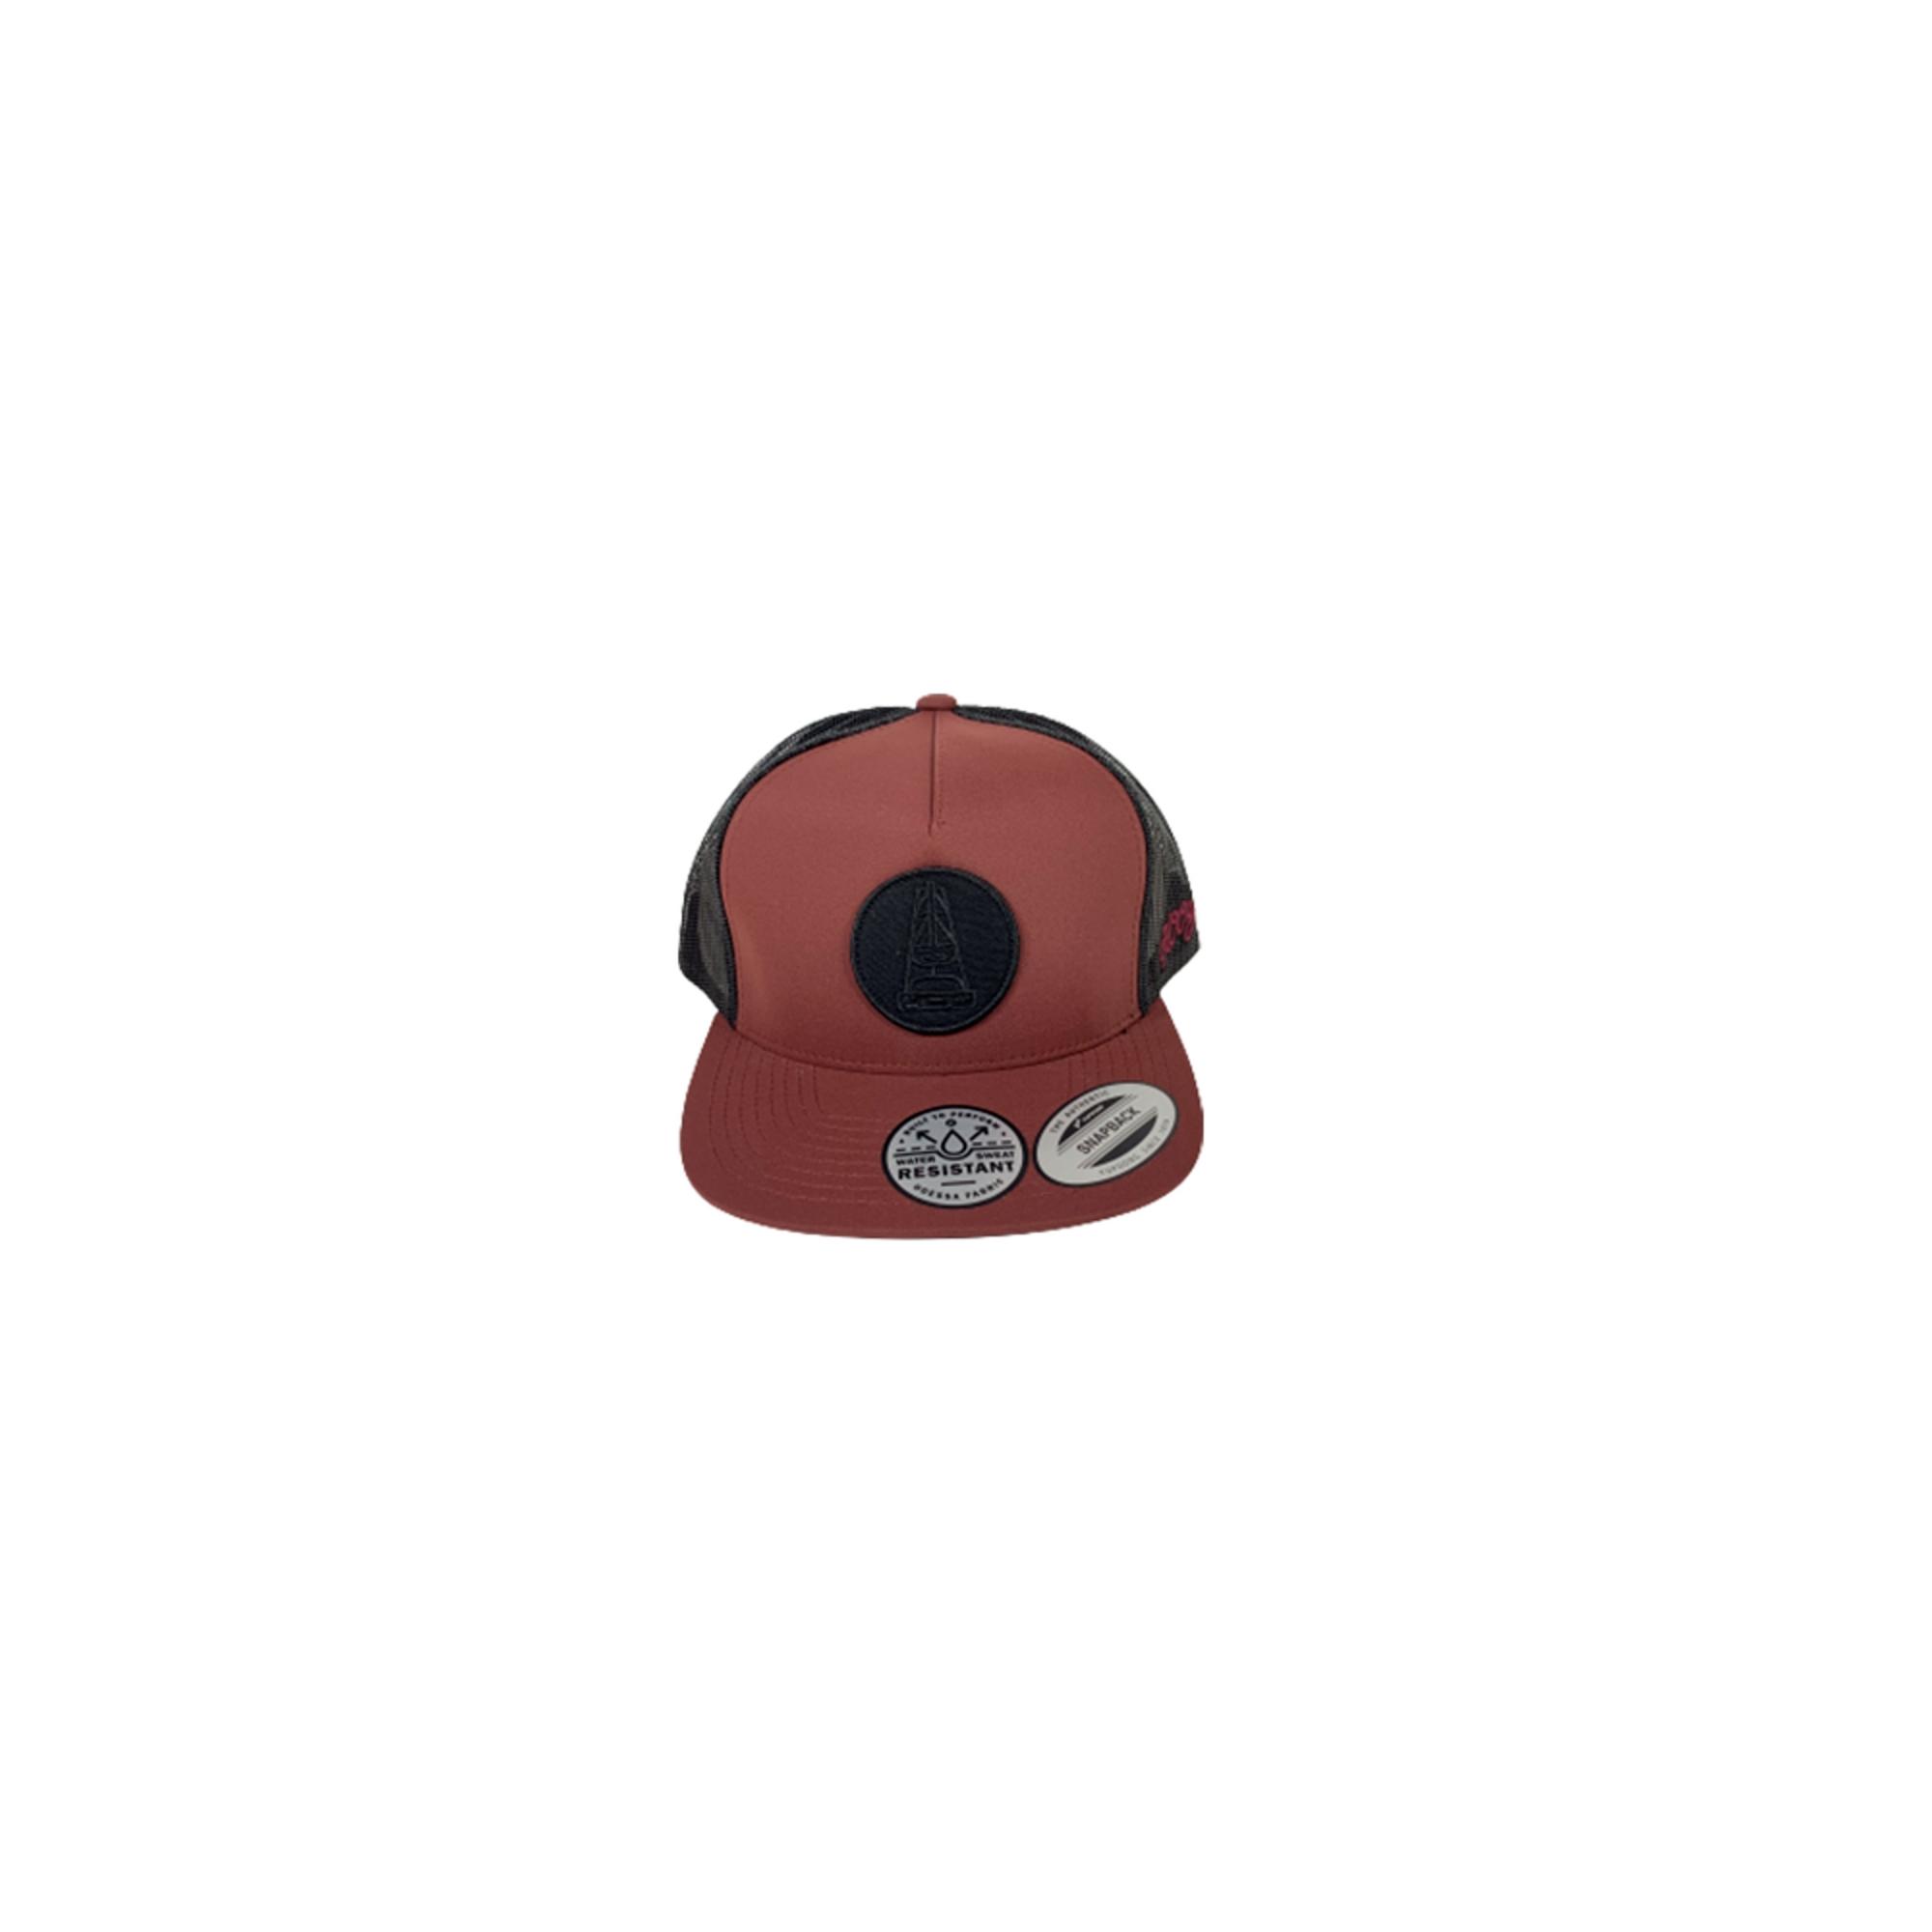 Boné Hooey Hog Marn/Gry 5P TRK Osfa 3029T-MABK